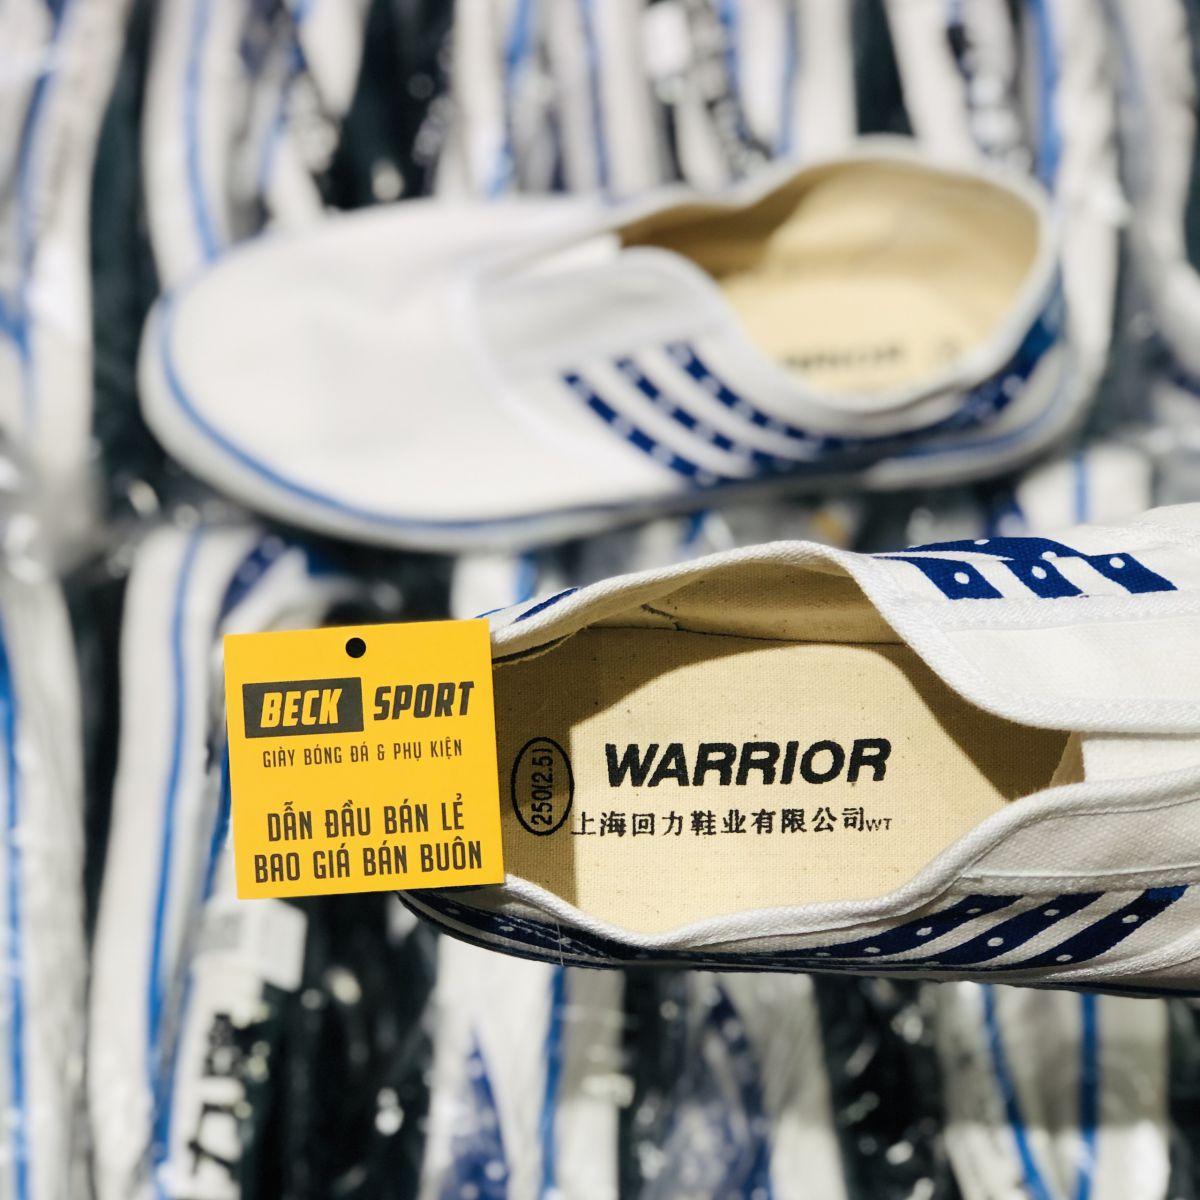 Giày Bata Tàu Warrior WK74 Đế Đen (Không Dây)